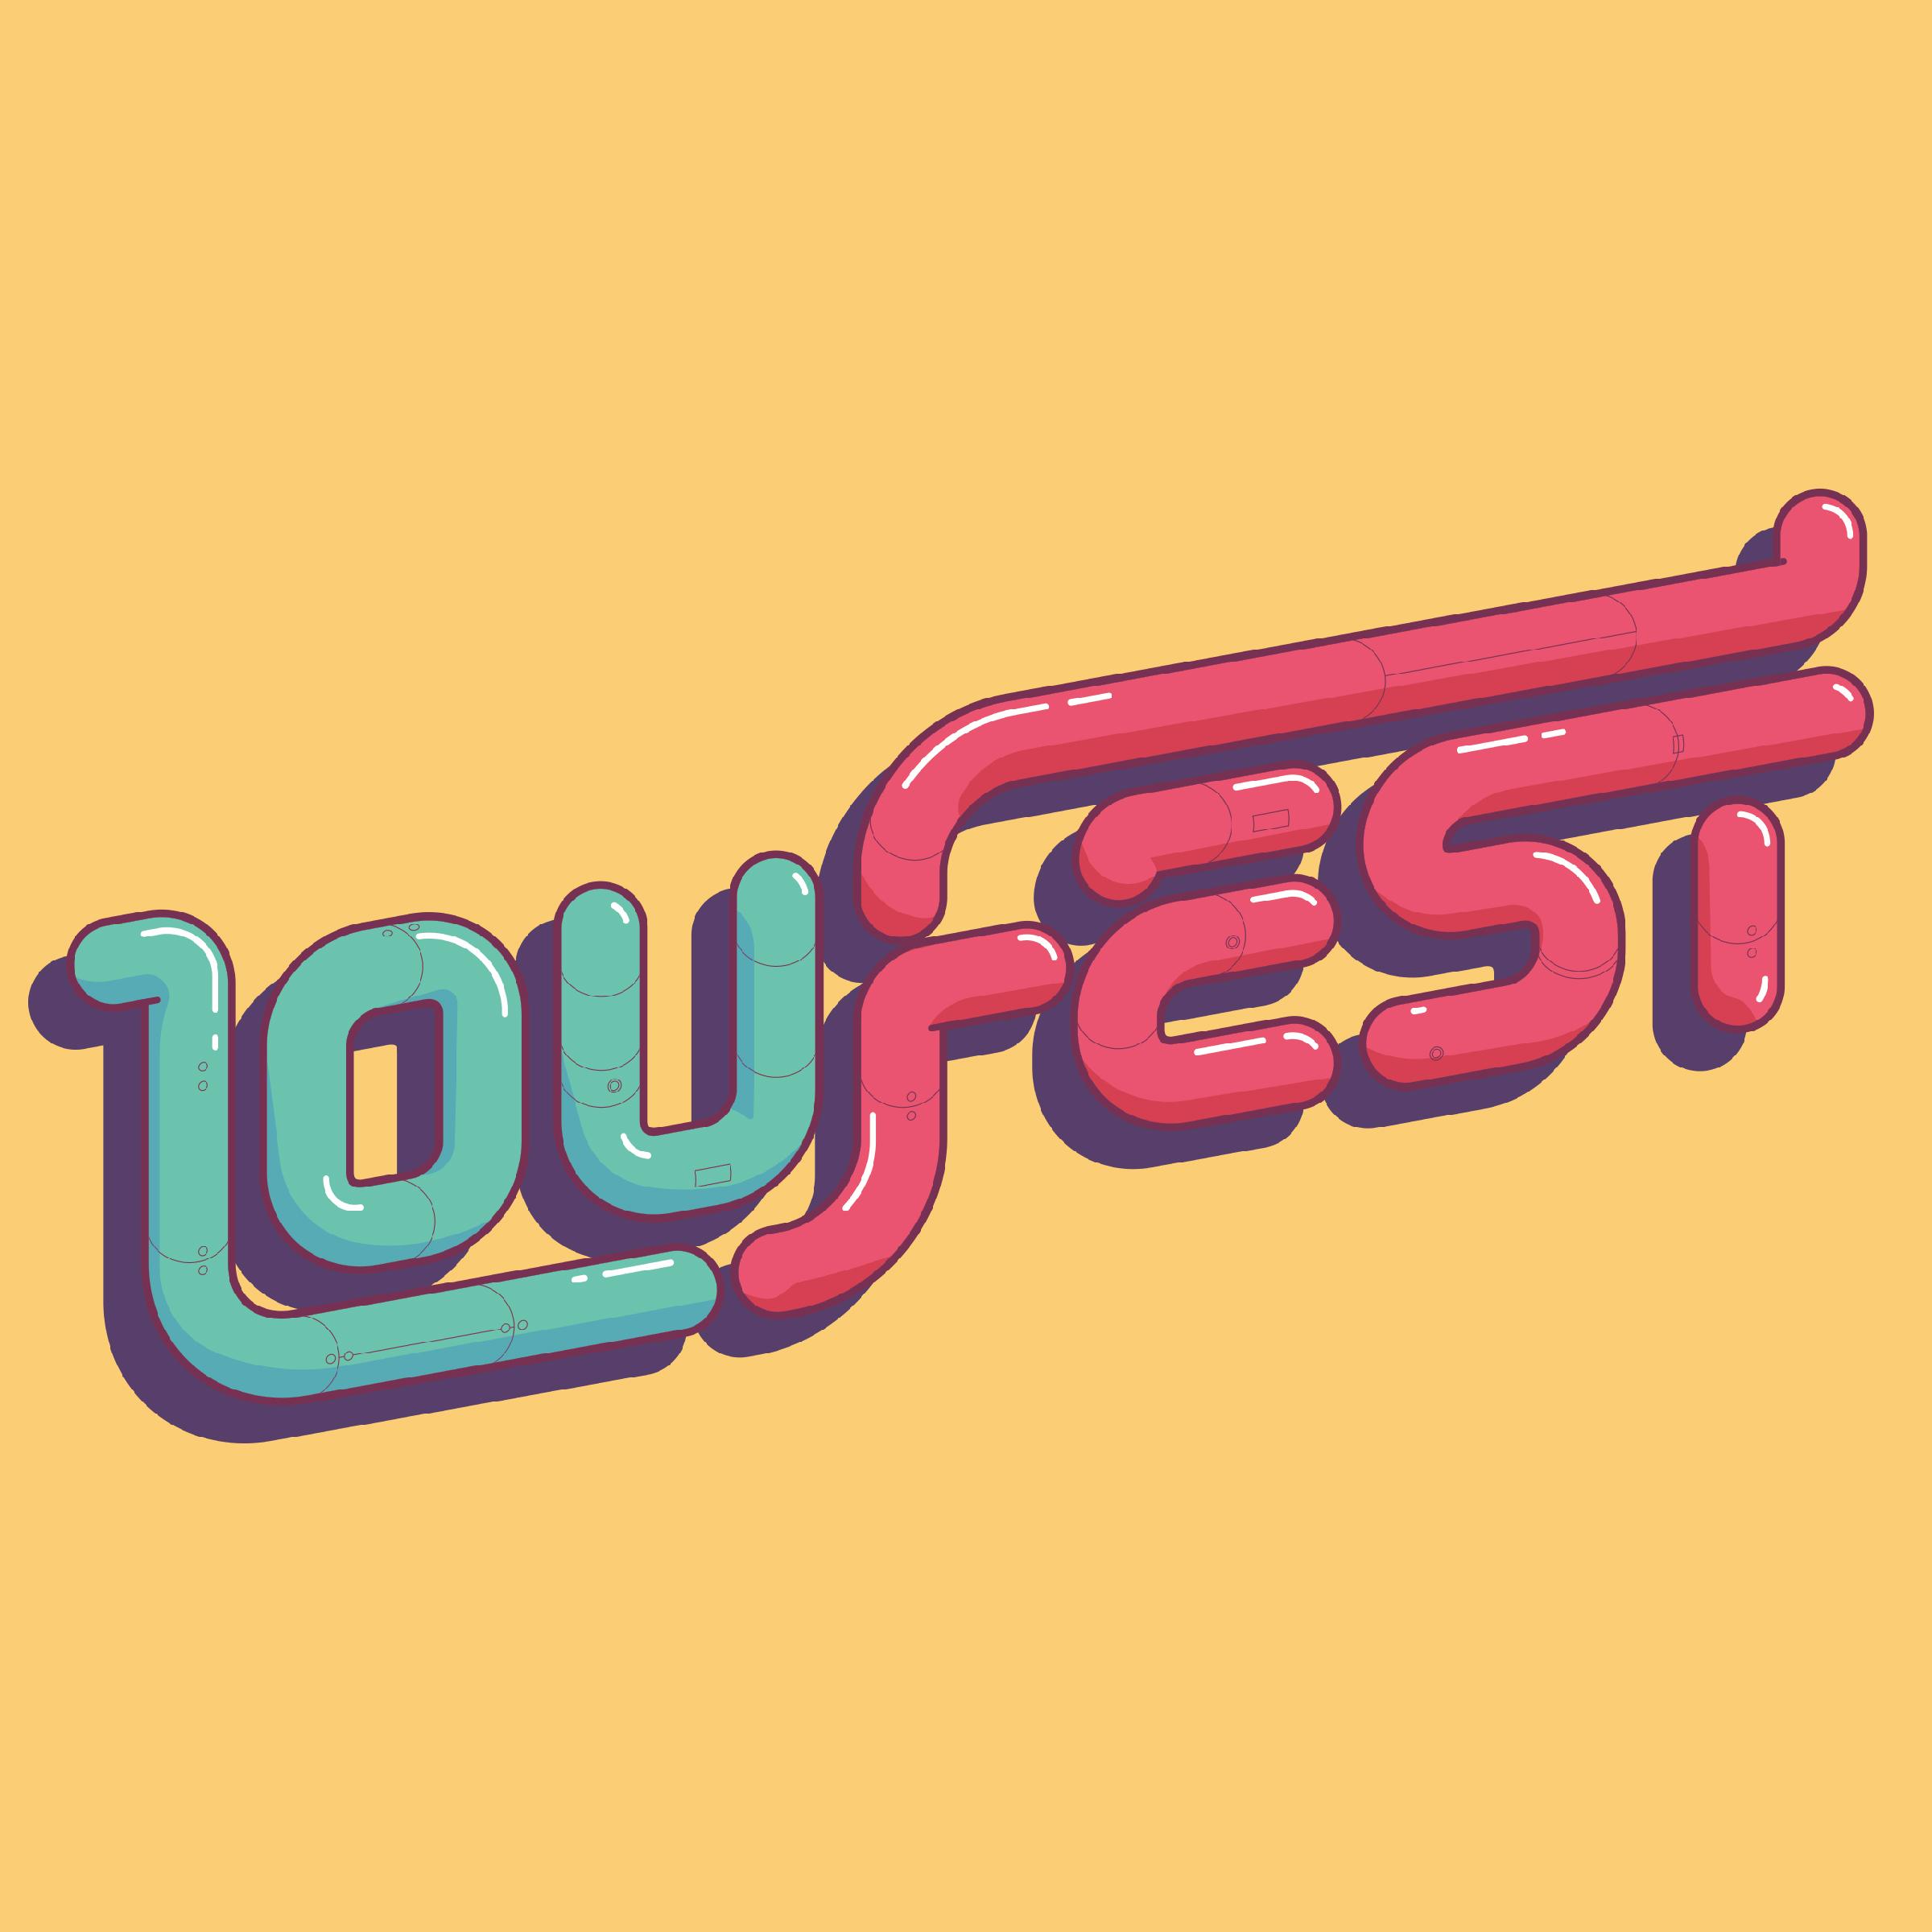 LouFest 2018 Logo